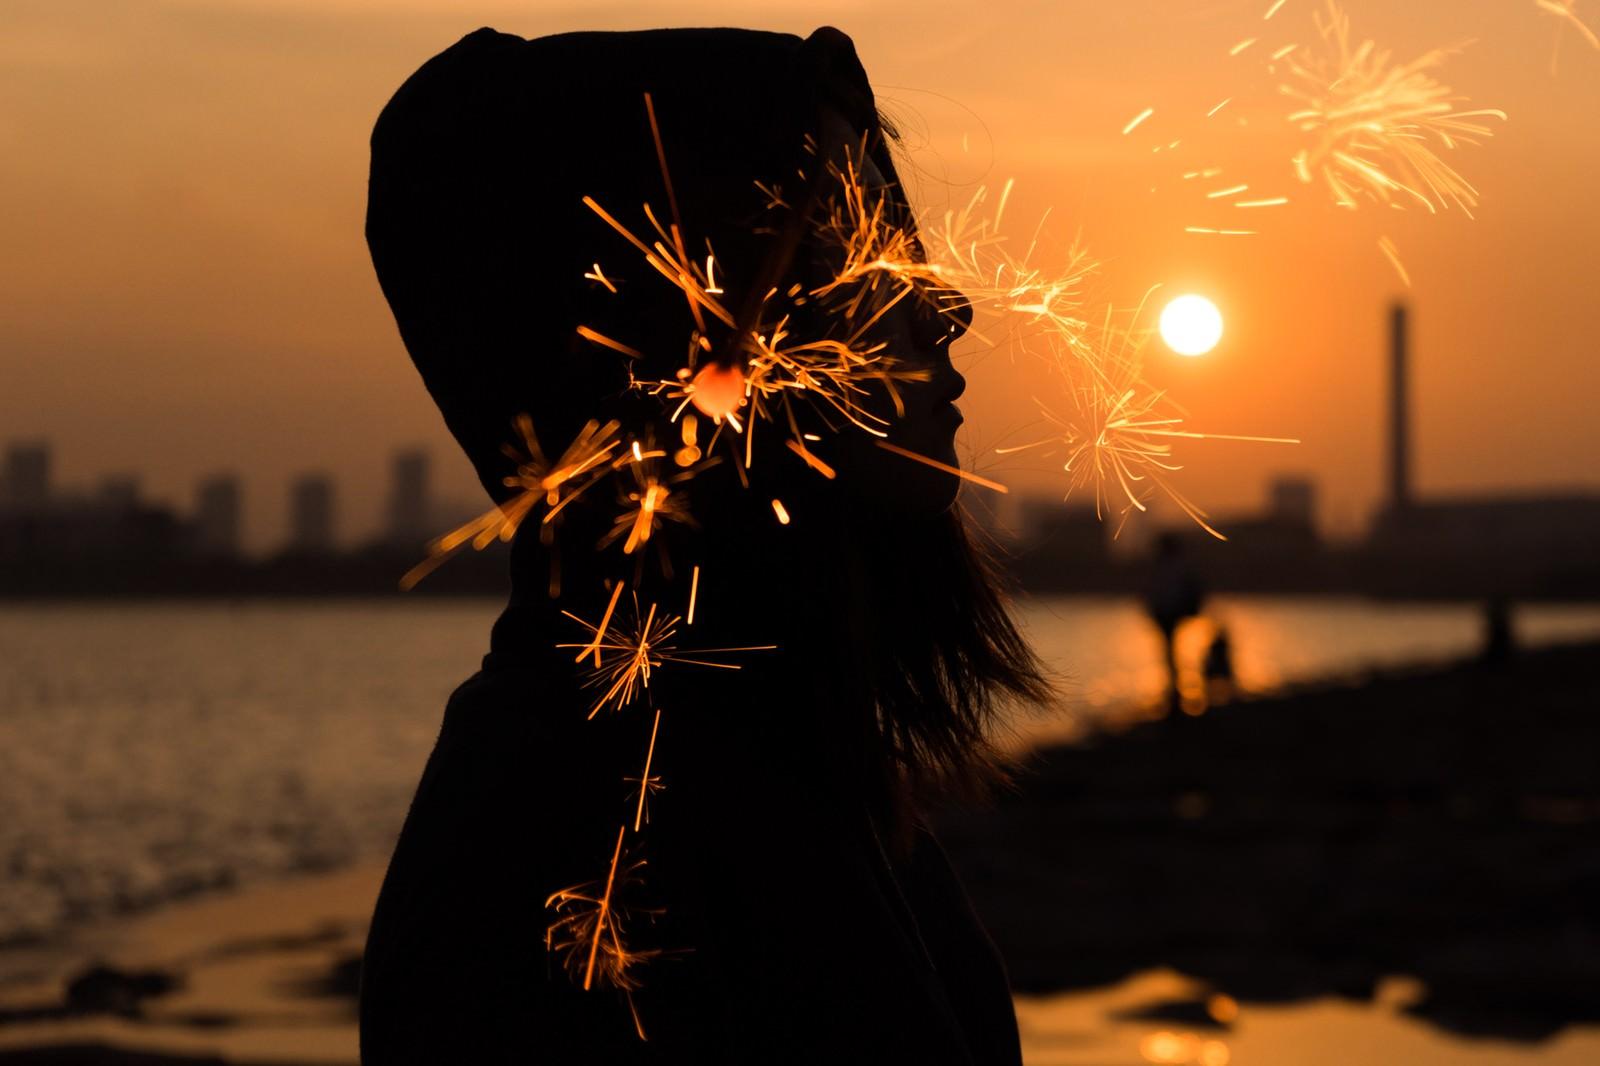 「夕焼けと線香花火のフォトモンタージュ」の写真[モデル:Mizuho]